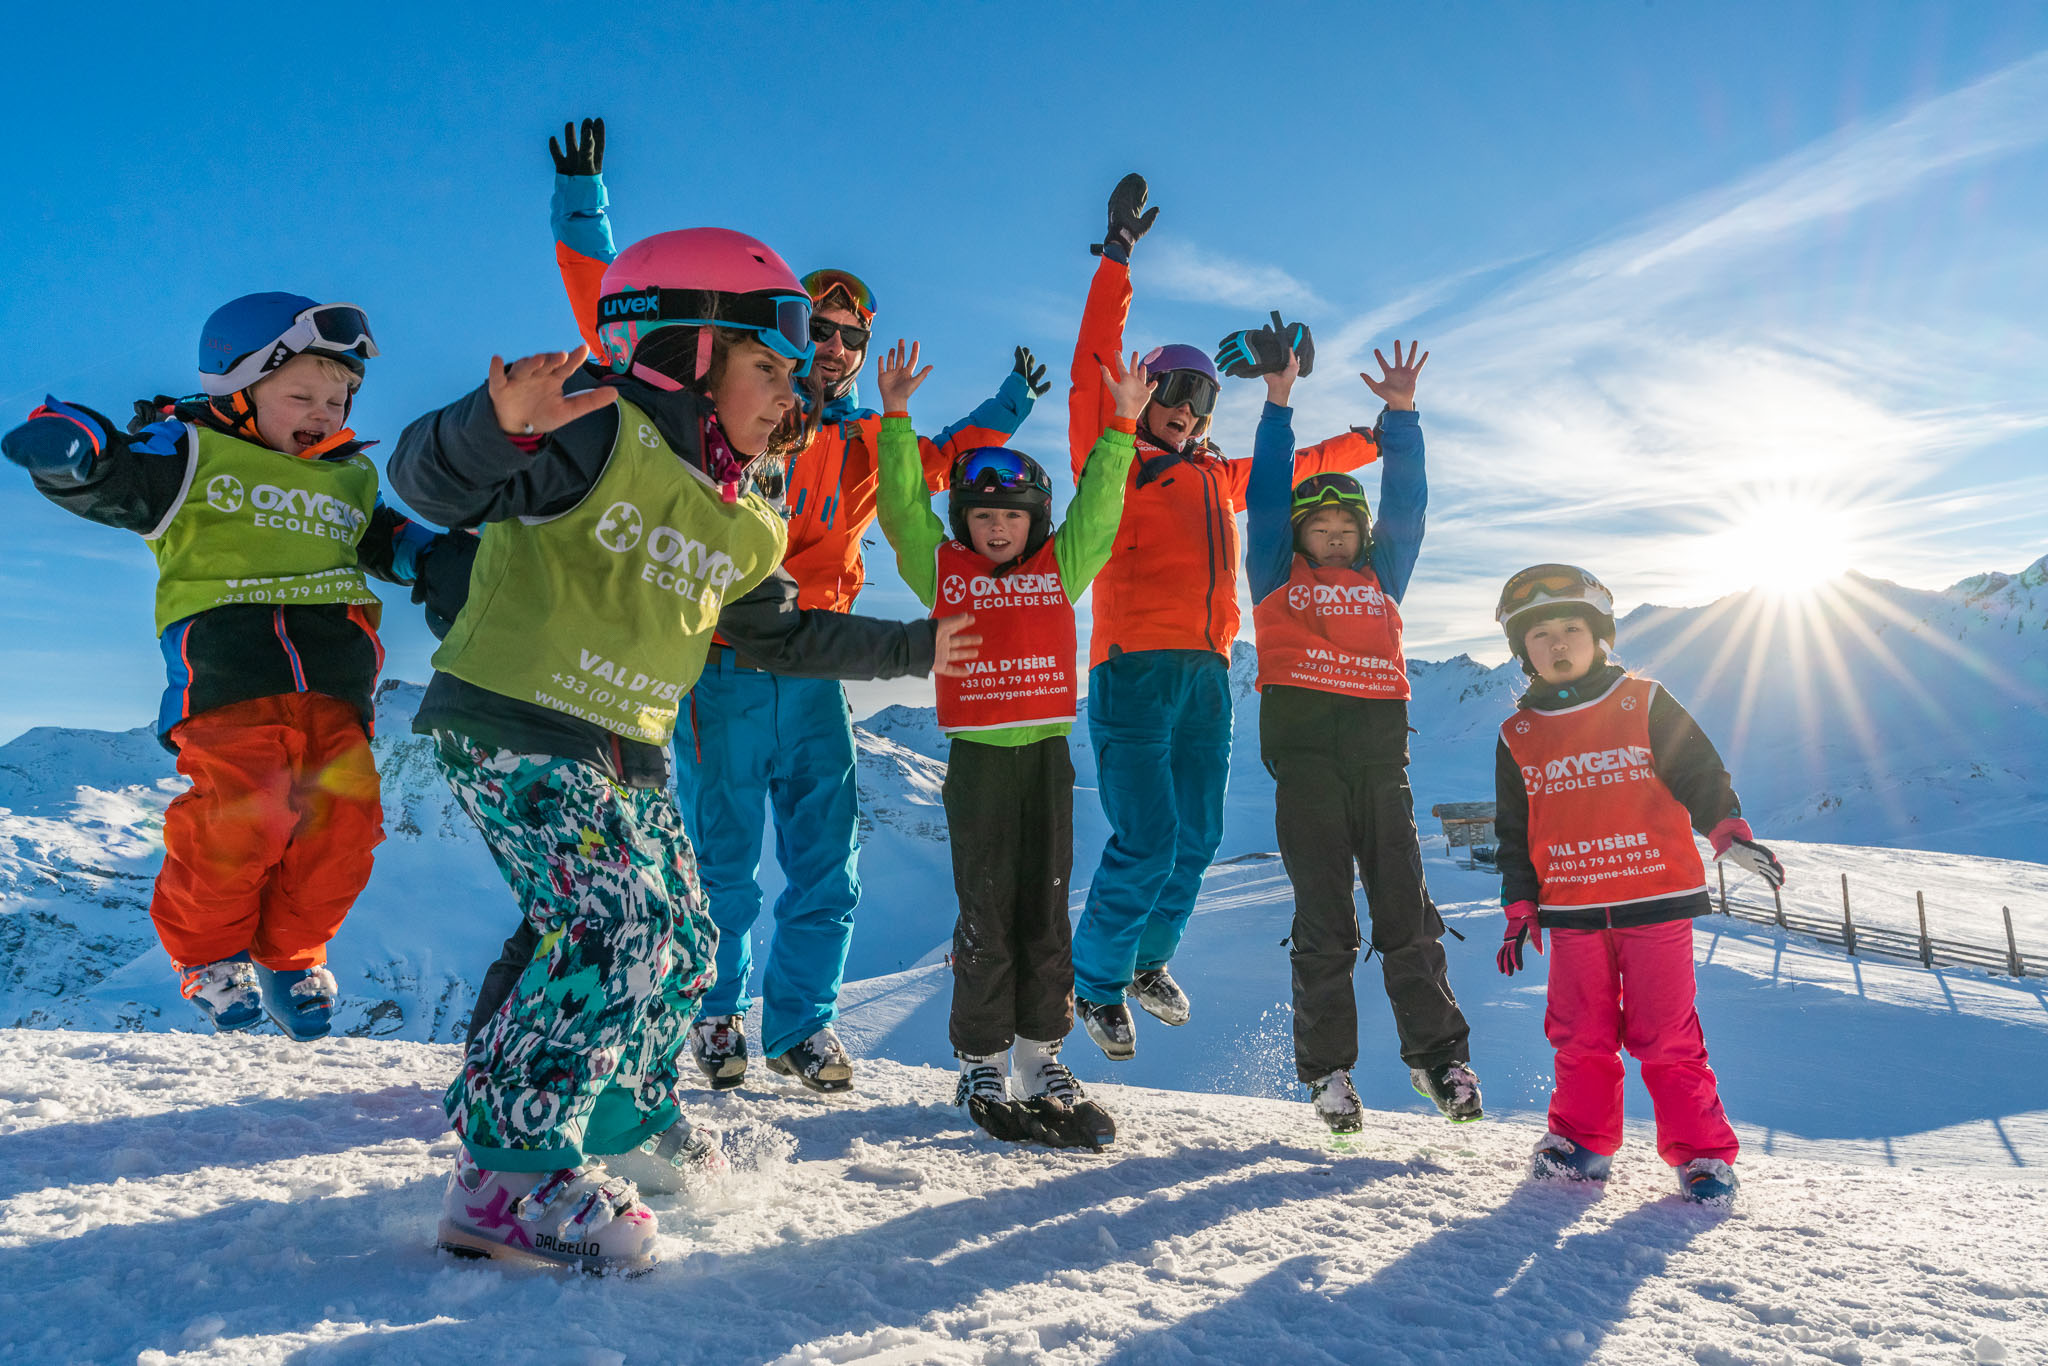 Skiing with Oxygene is fun!